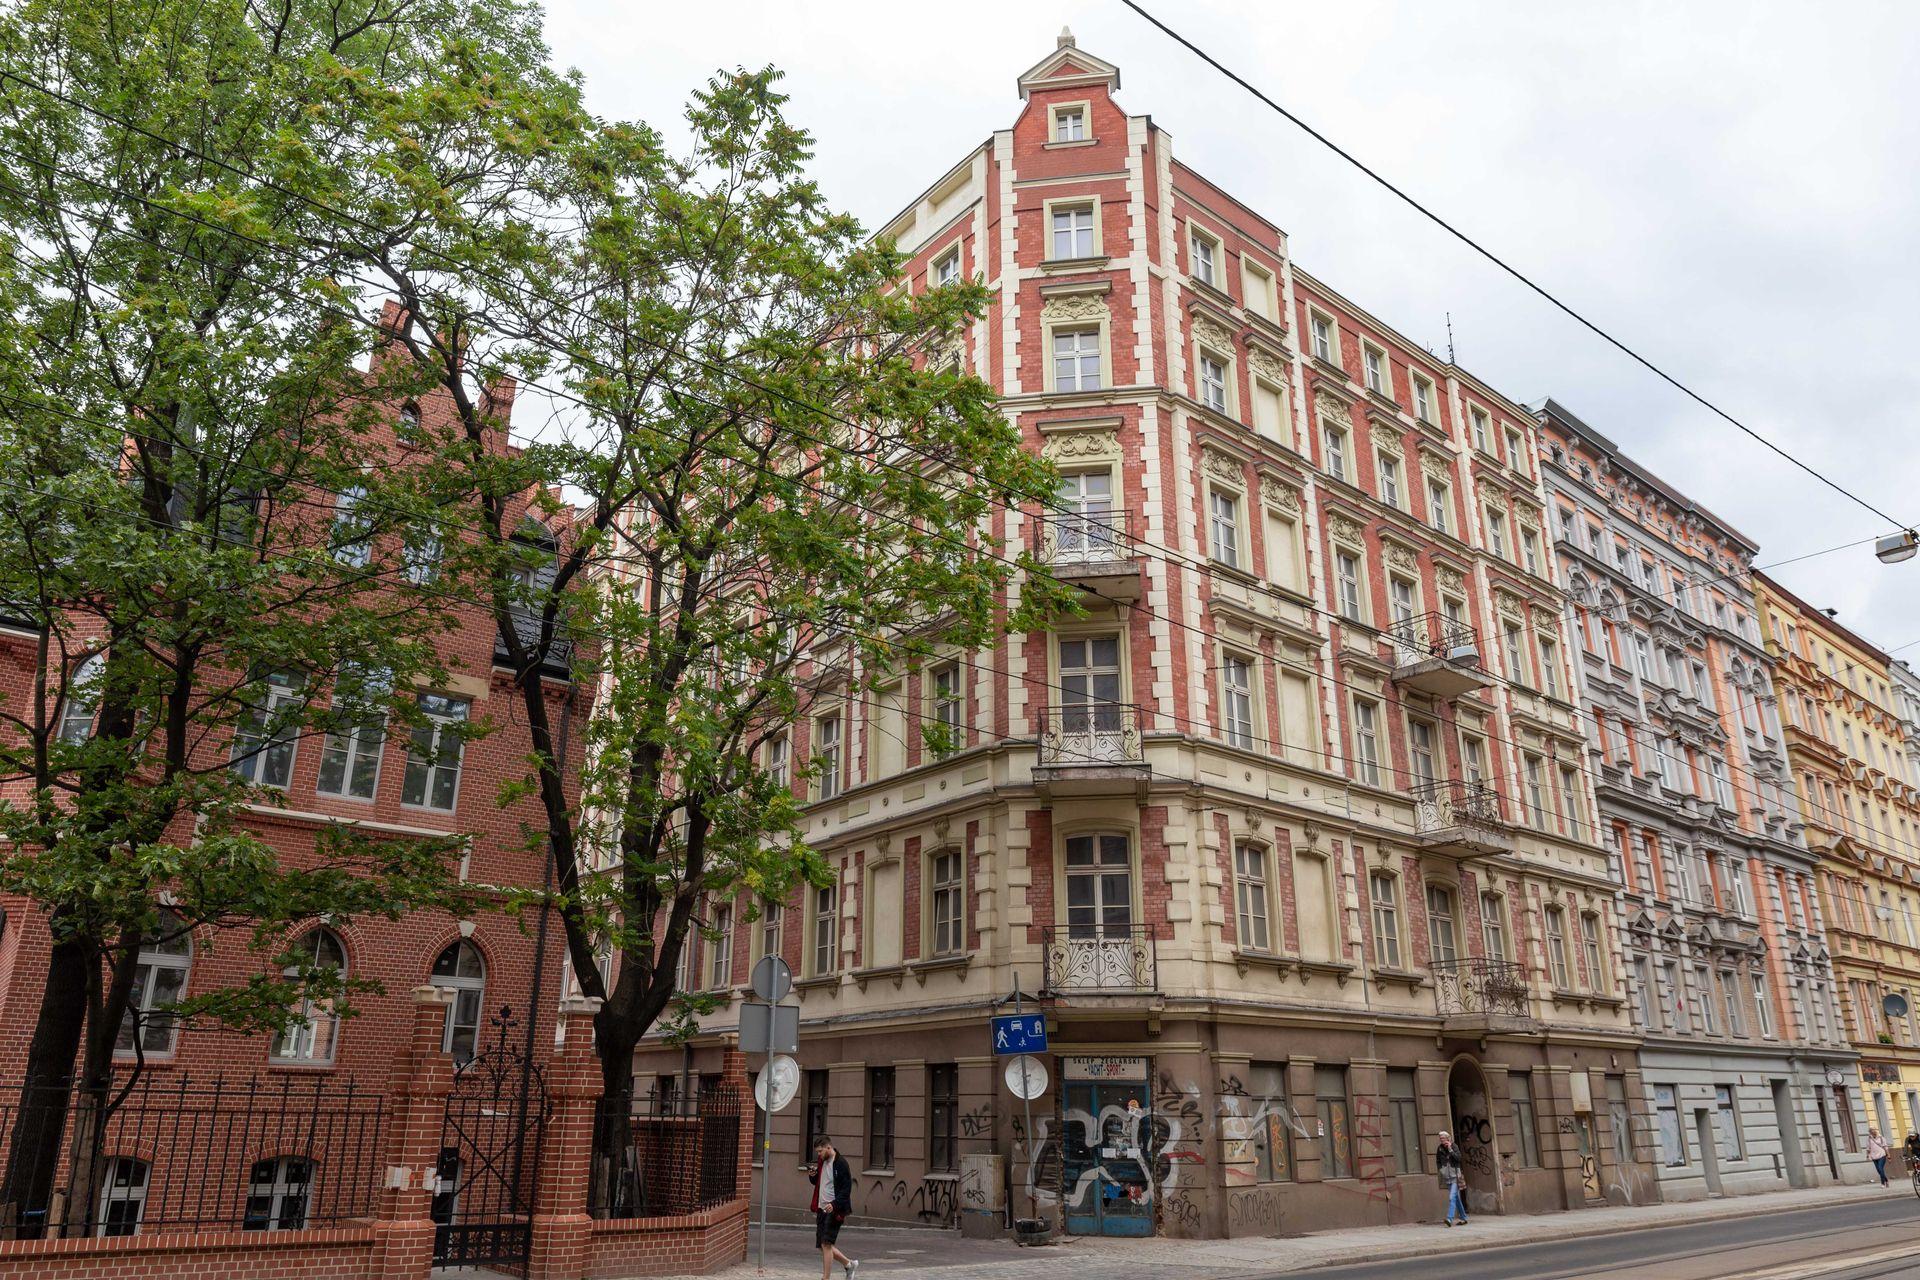 Miasto po raz kolejny spróbuje sprzedać zabytkową kamienicę na wrocławskim Nadodrzu. Obniża cenę